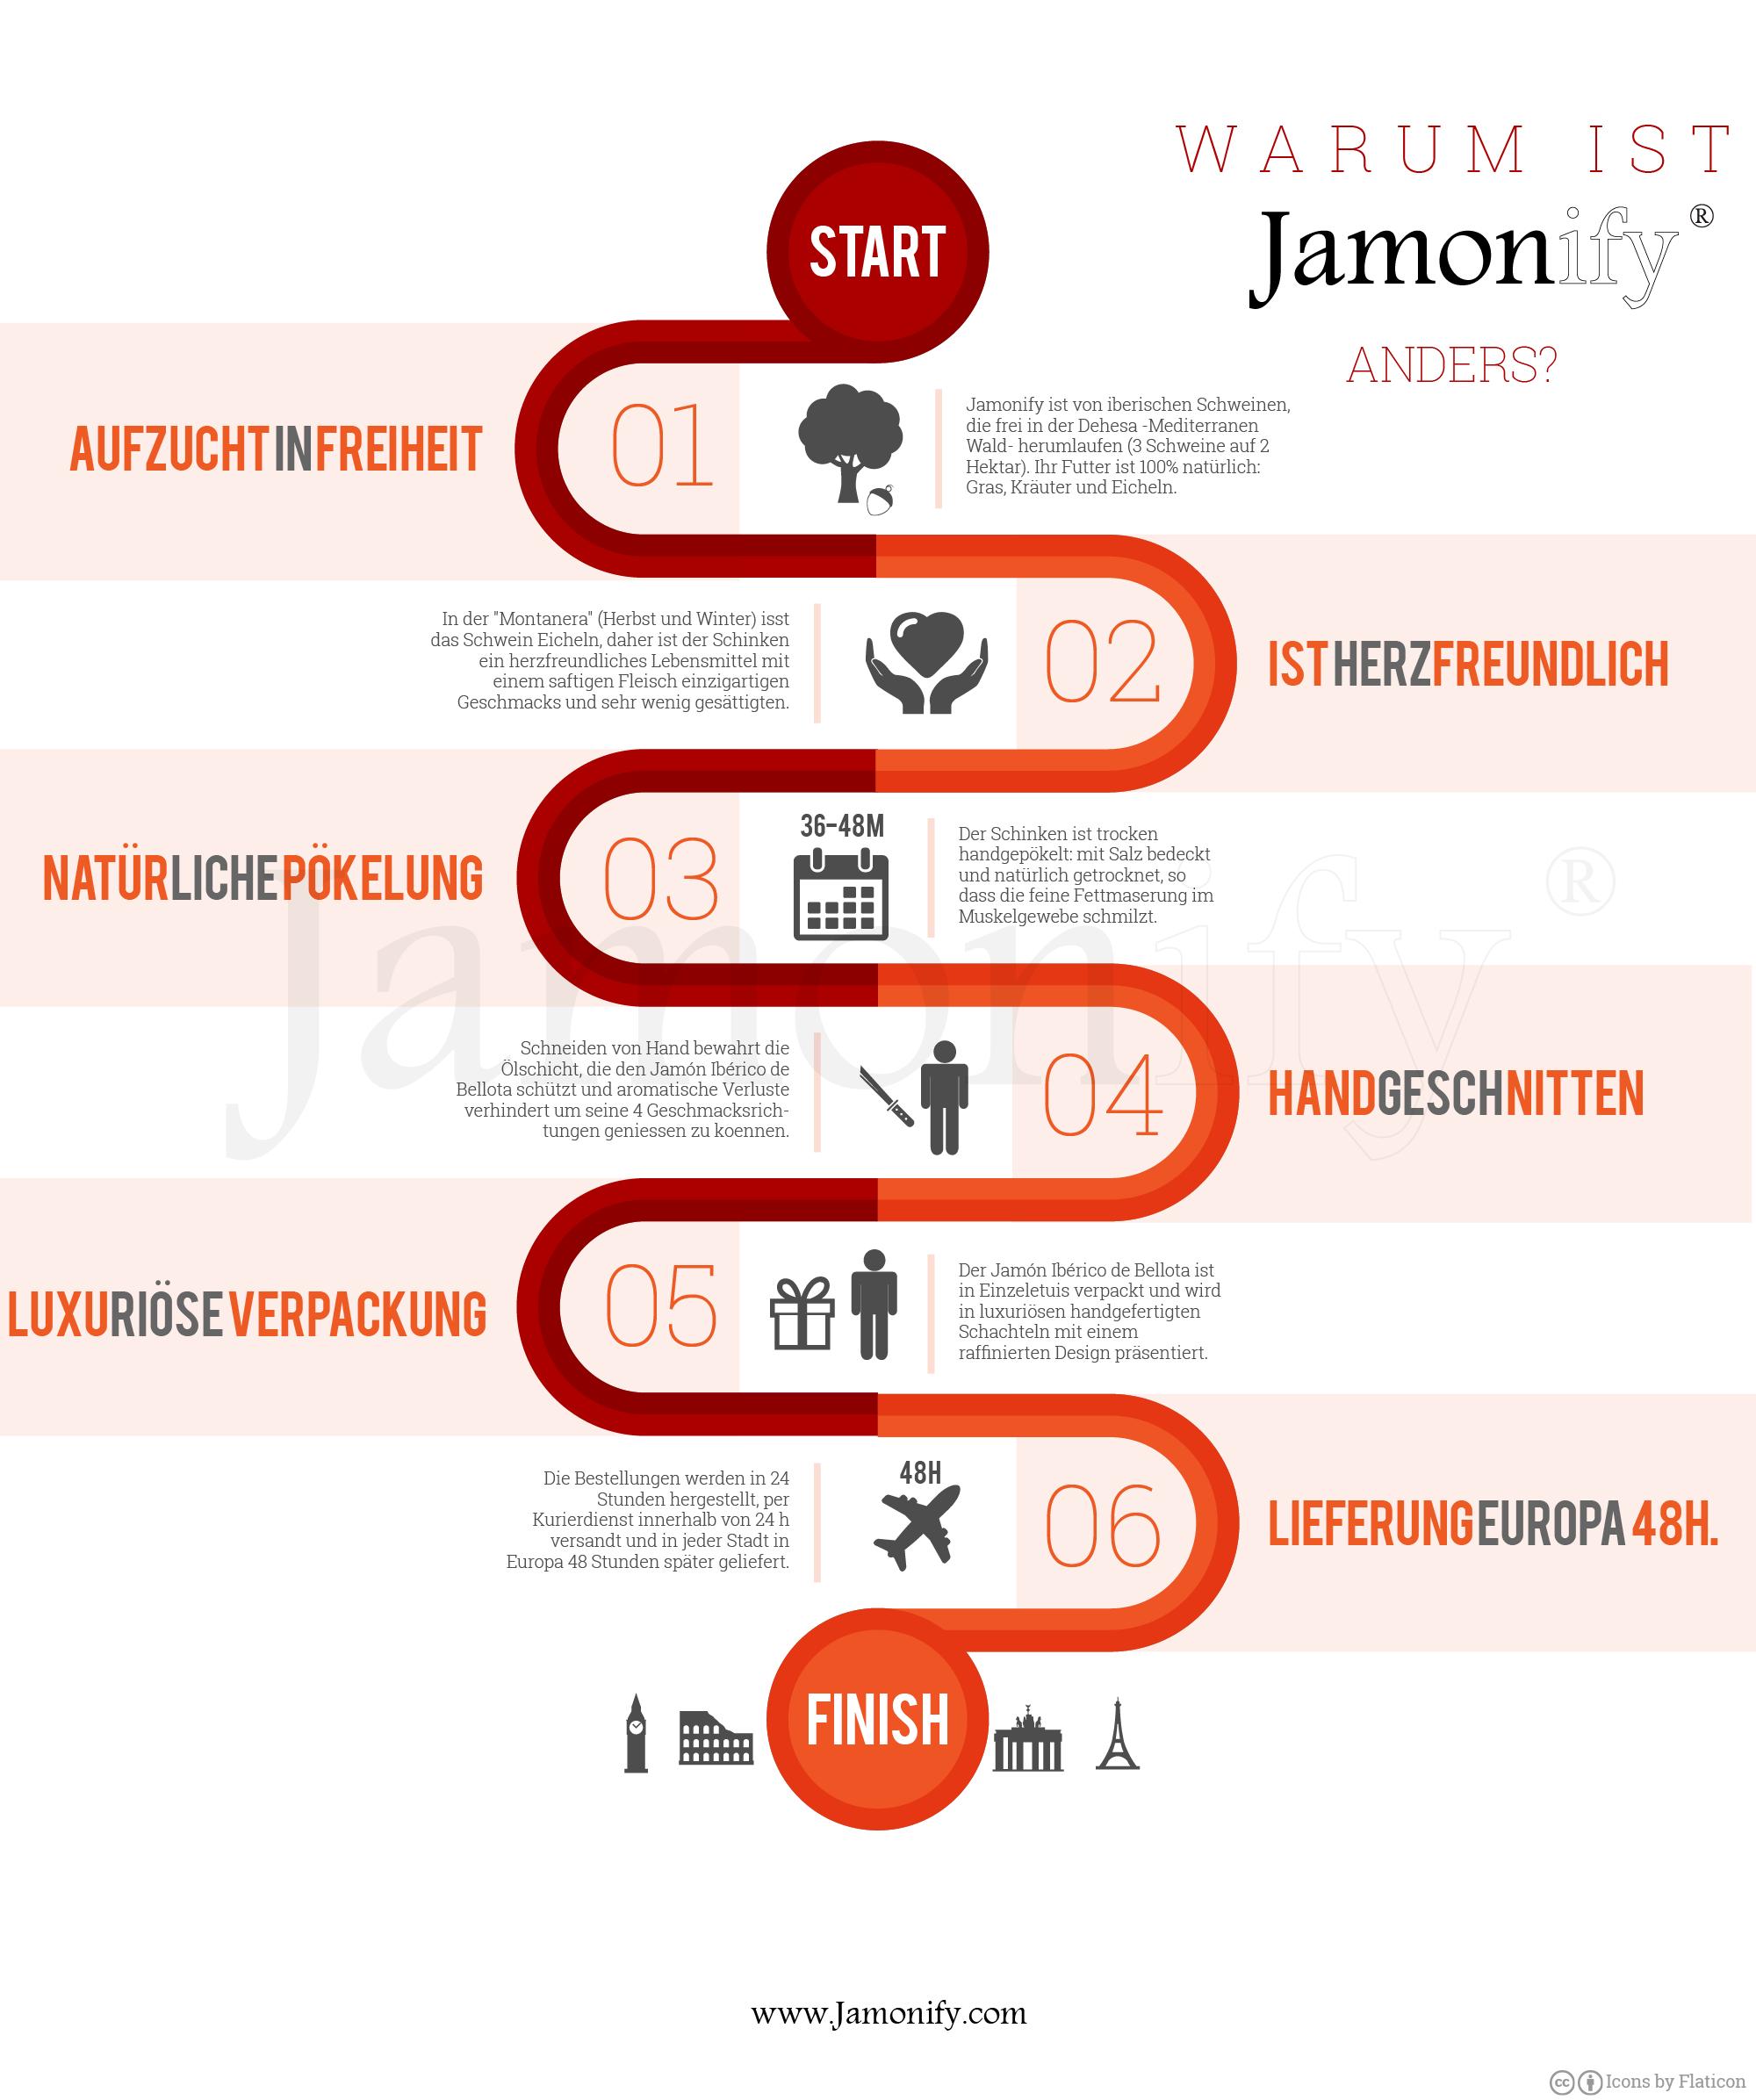 Warum ist Jamonify Anders?